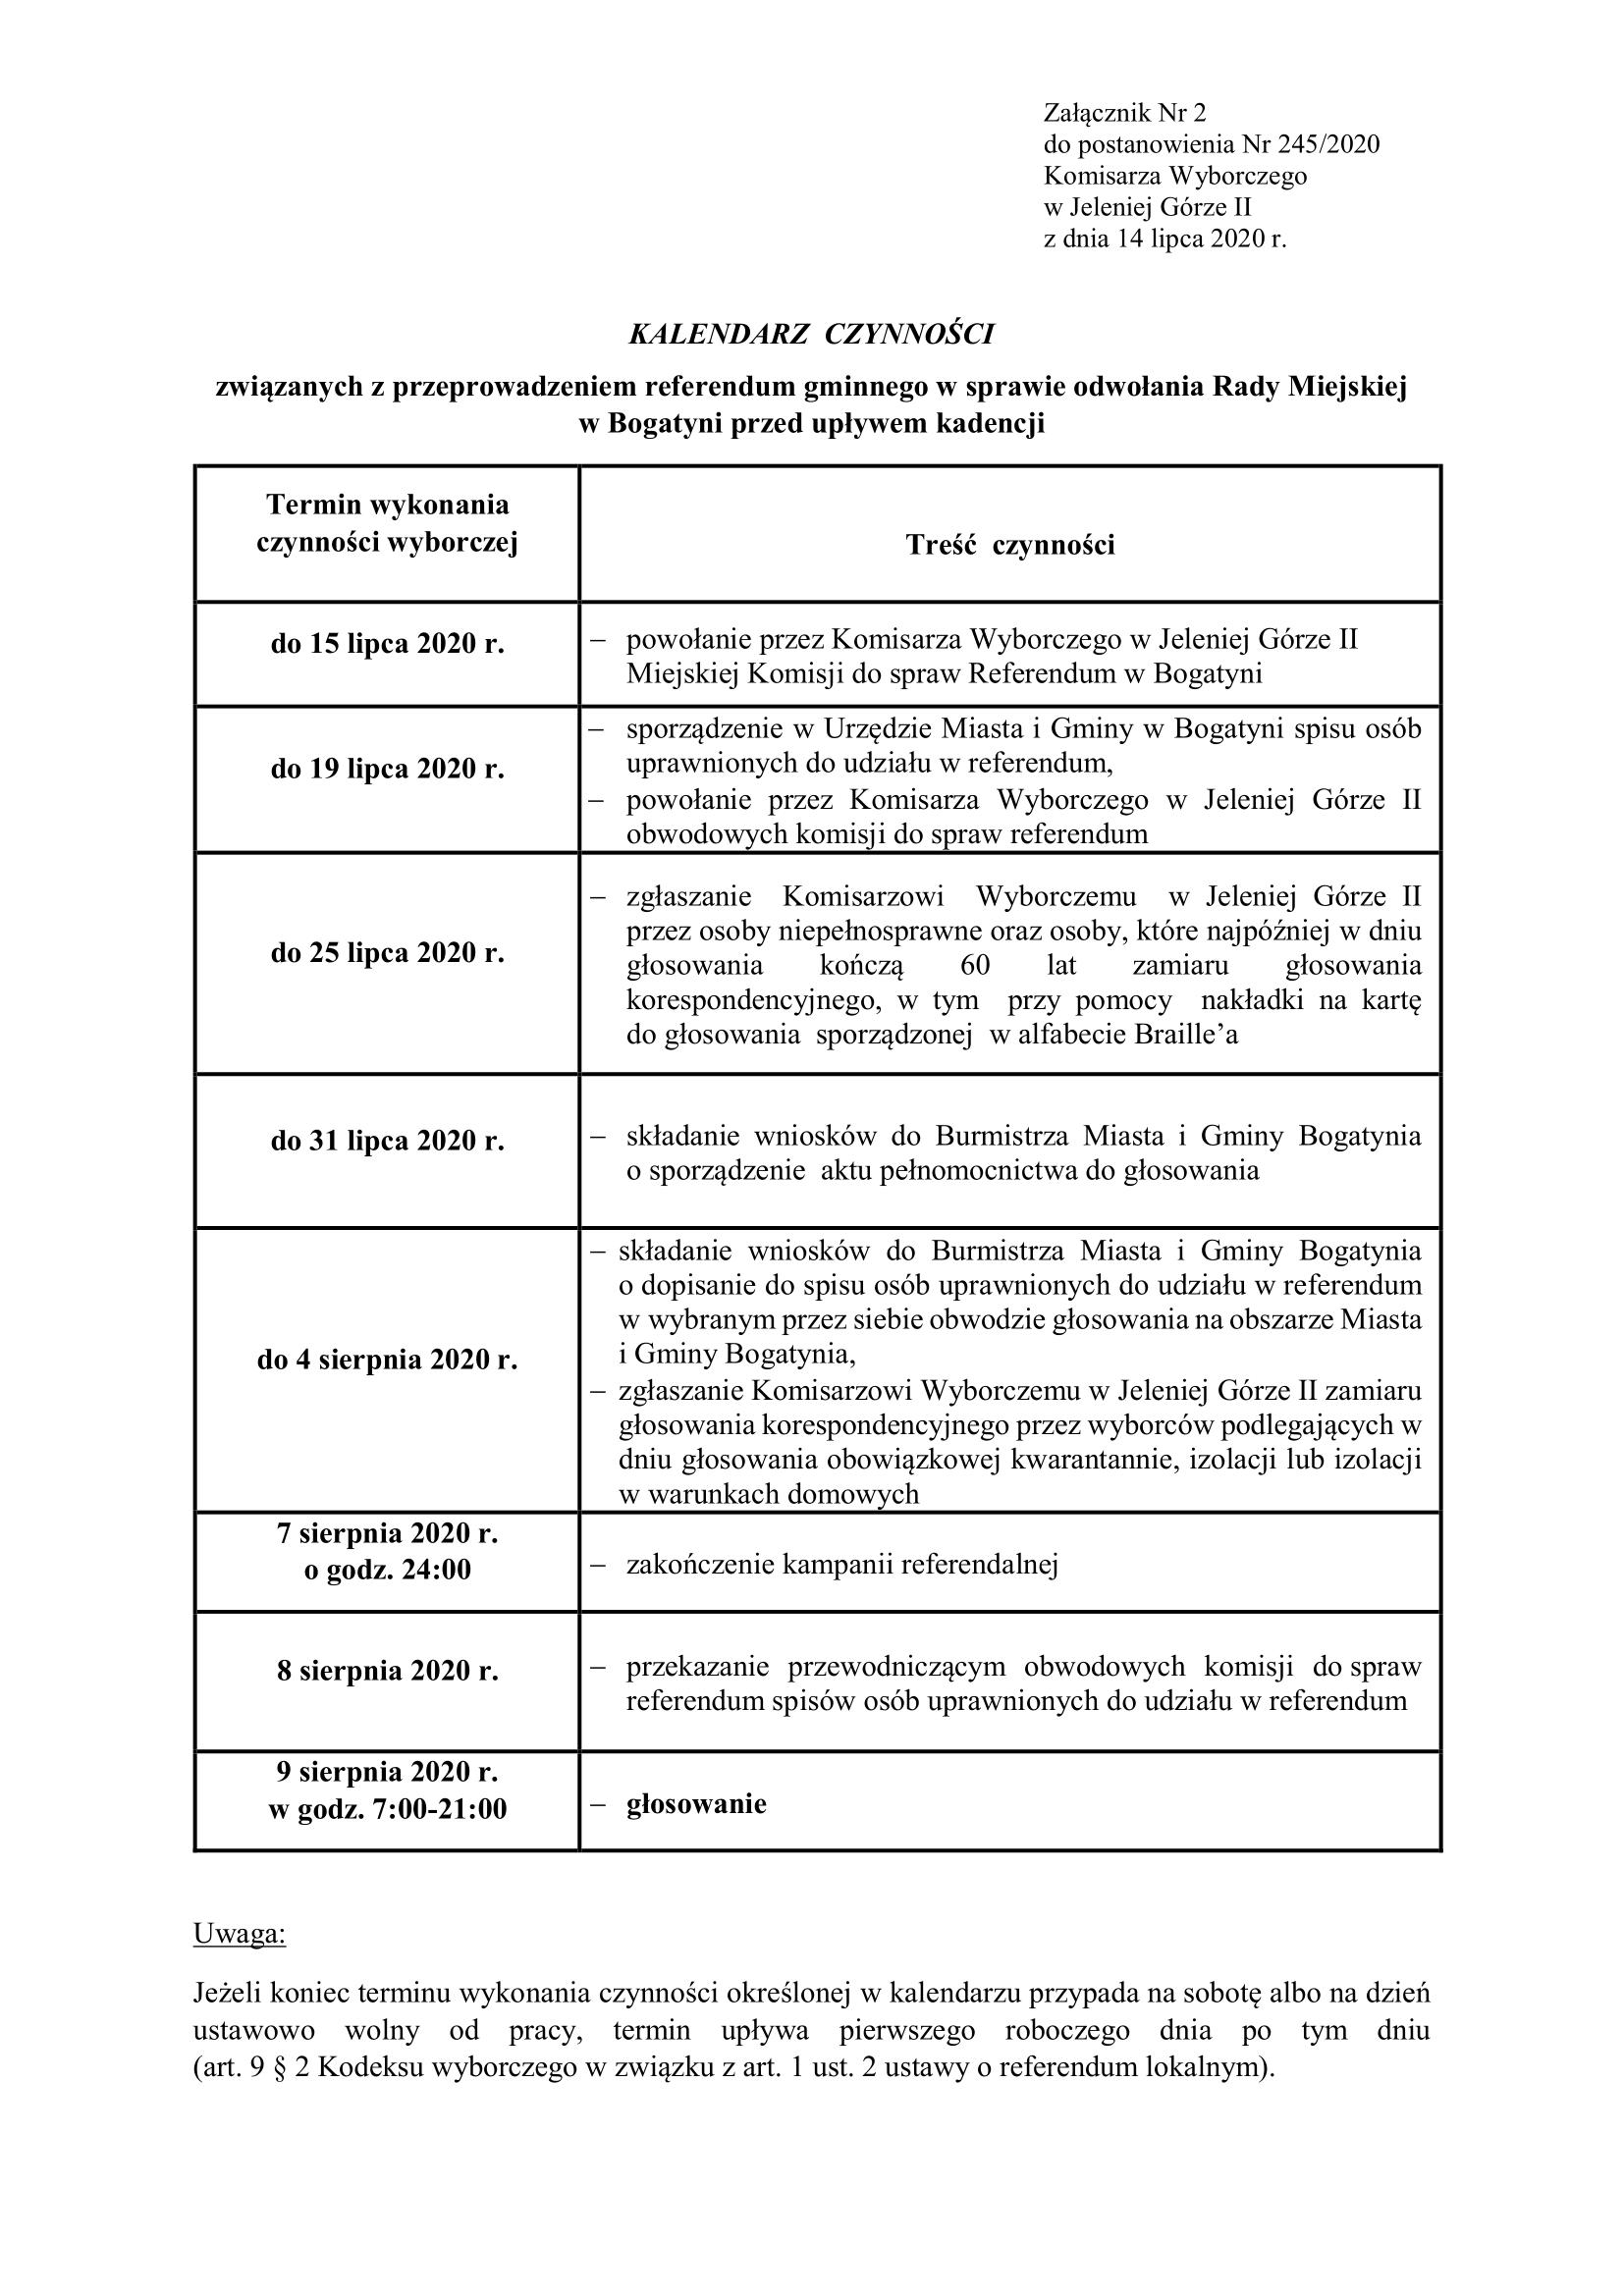 Kalendarz czynności związanych z ogłoszonym referendum gminnym w Bogatyni